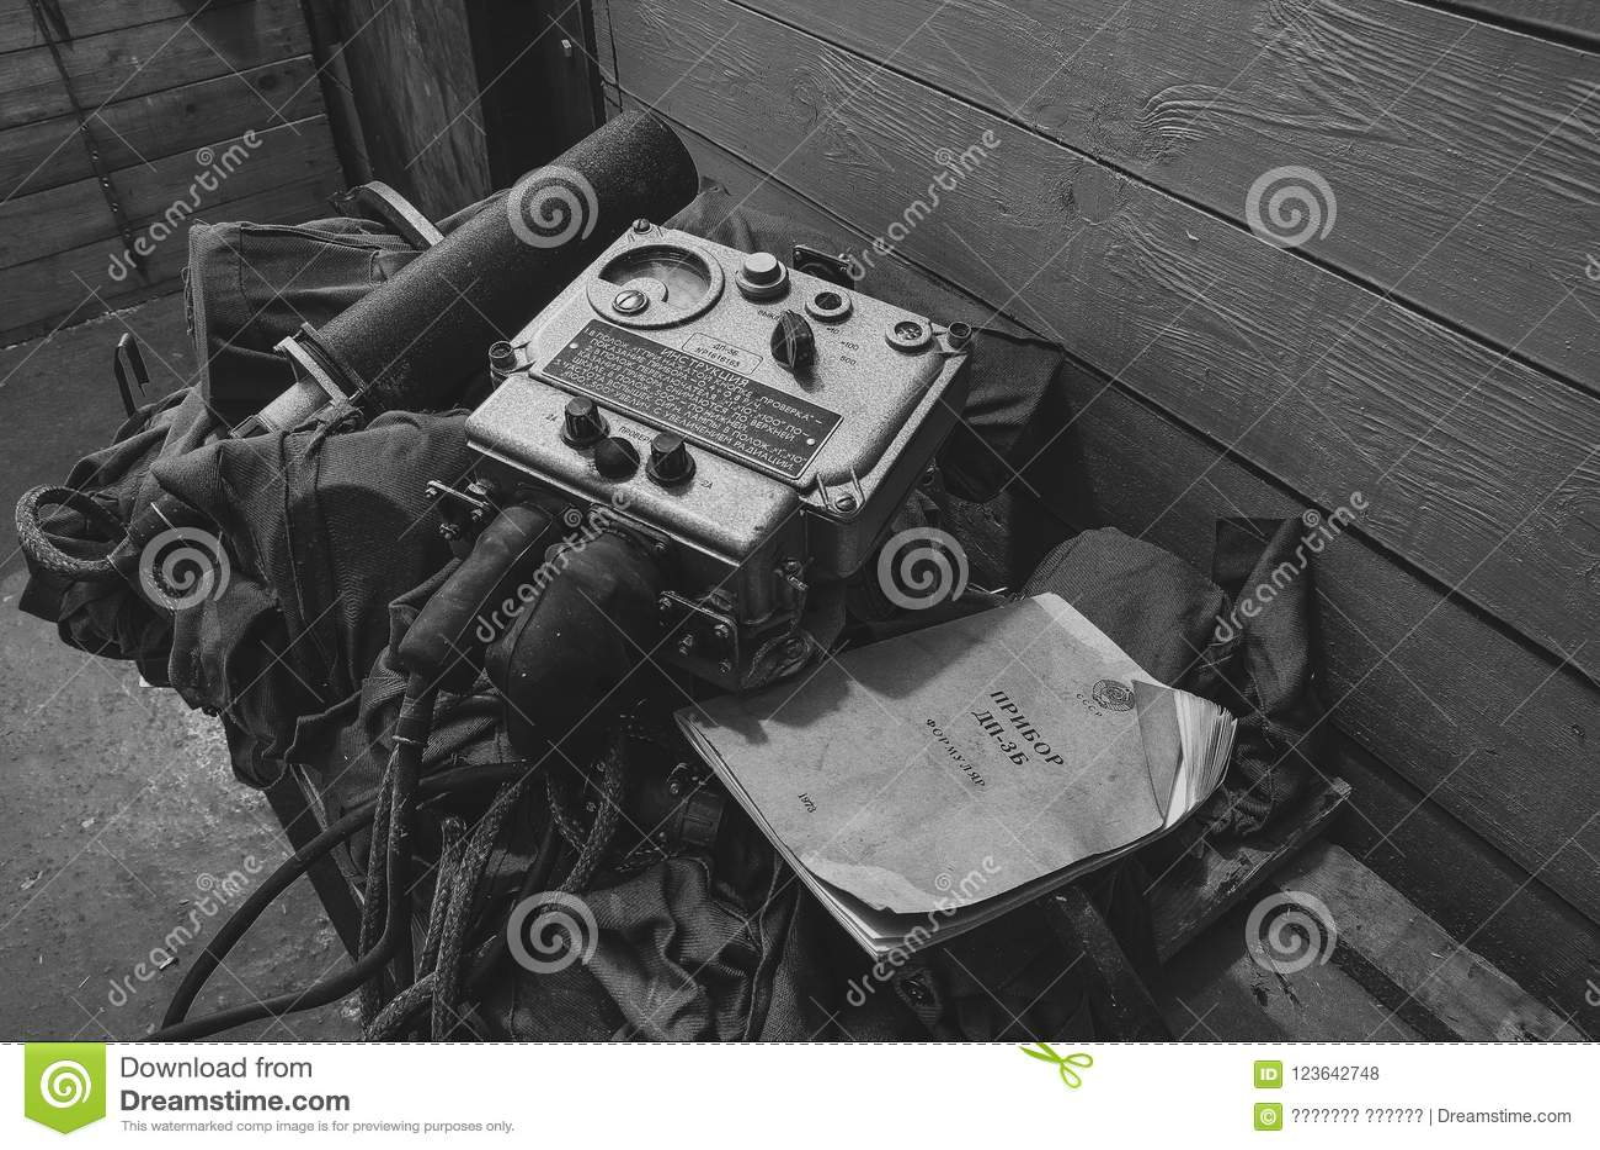 Δοσίμετρο σε ένα εγκαταλειμμένο καταφύγιο βομβών